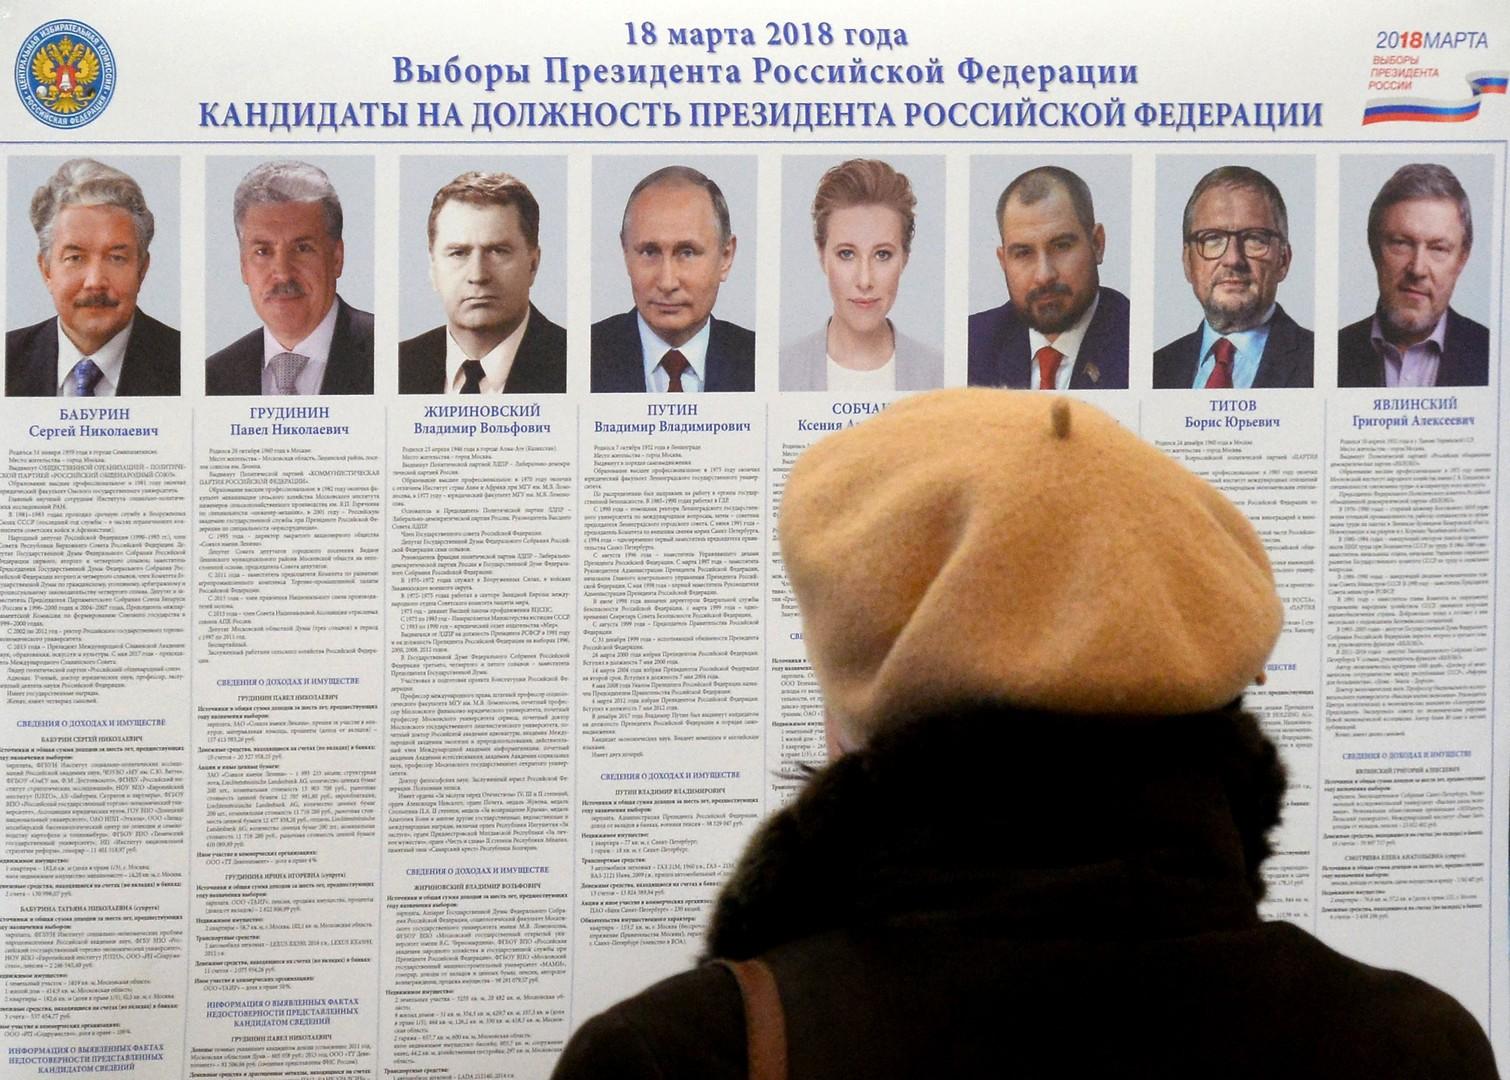 Wahlbeteiligung der Russen aktuell bereits bei 51,97 Prozent